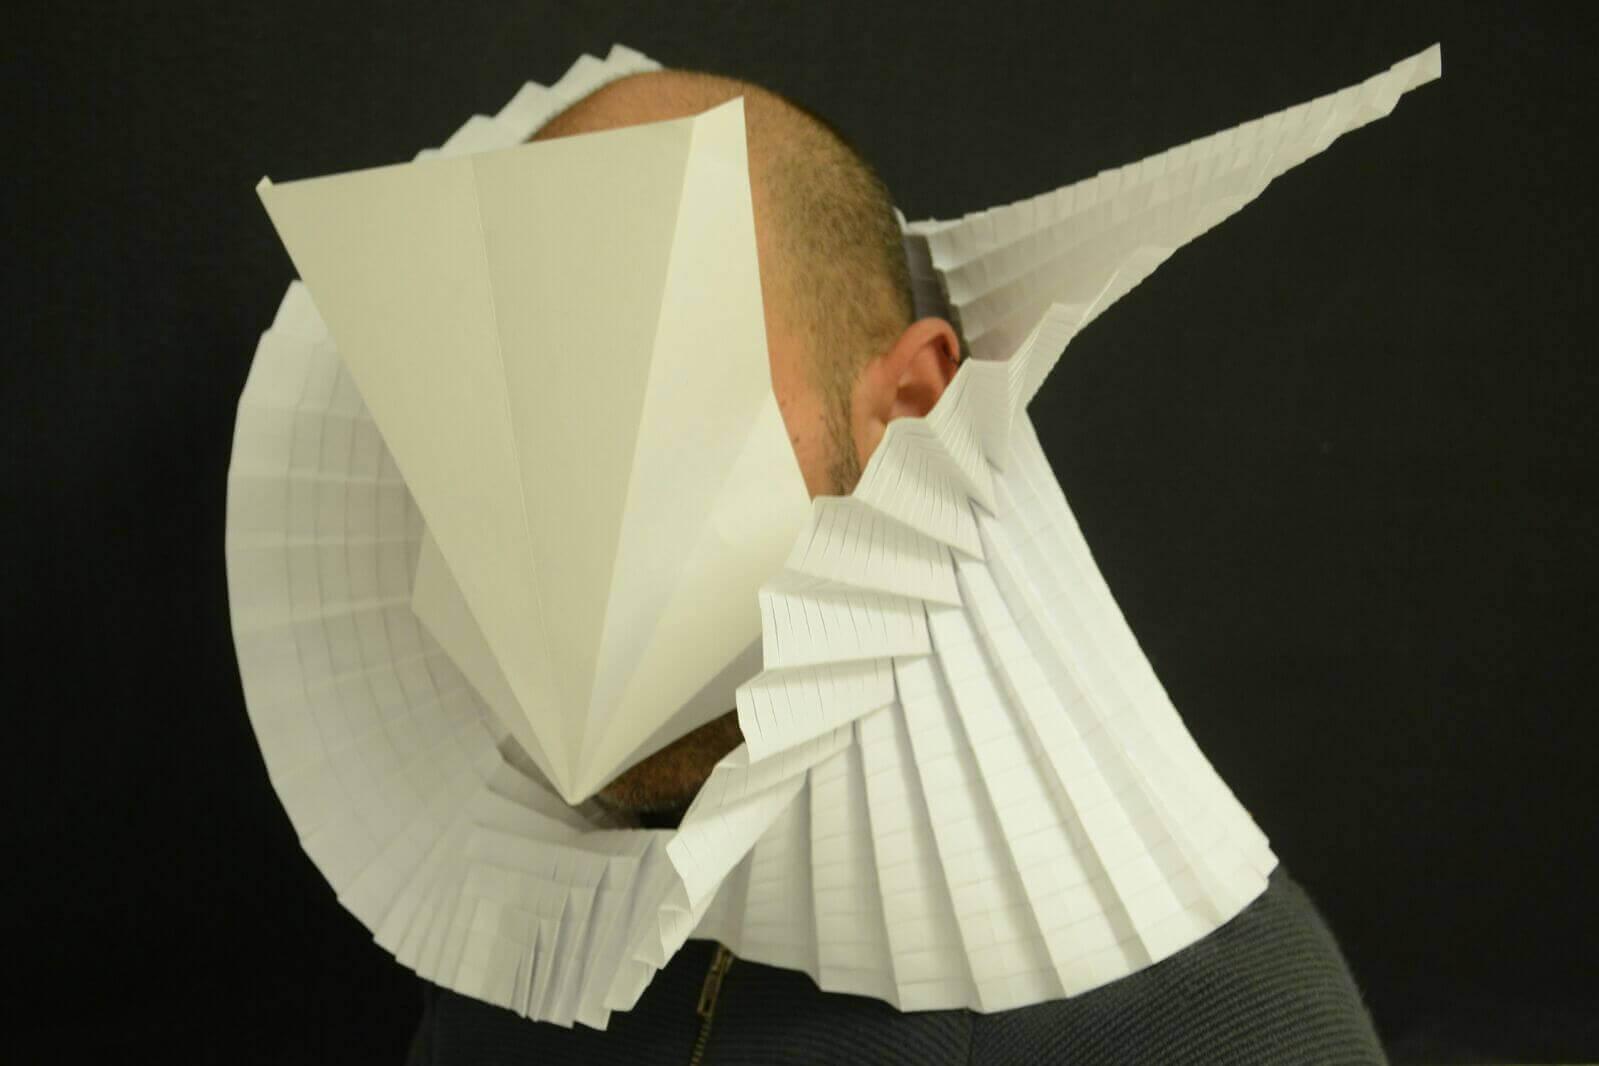 arquitectura-do-papel-curso-dario-zeruto7.jpg